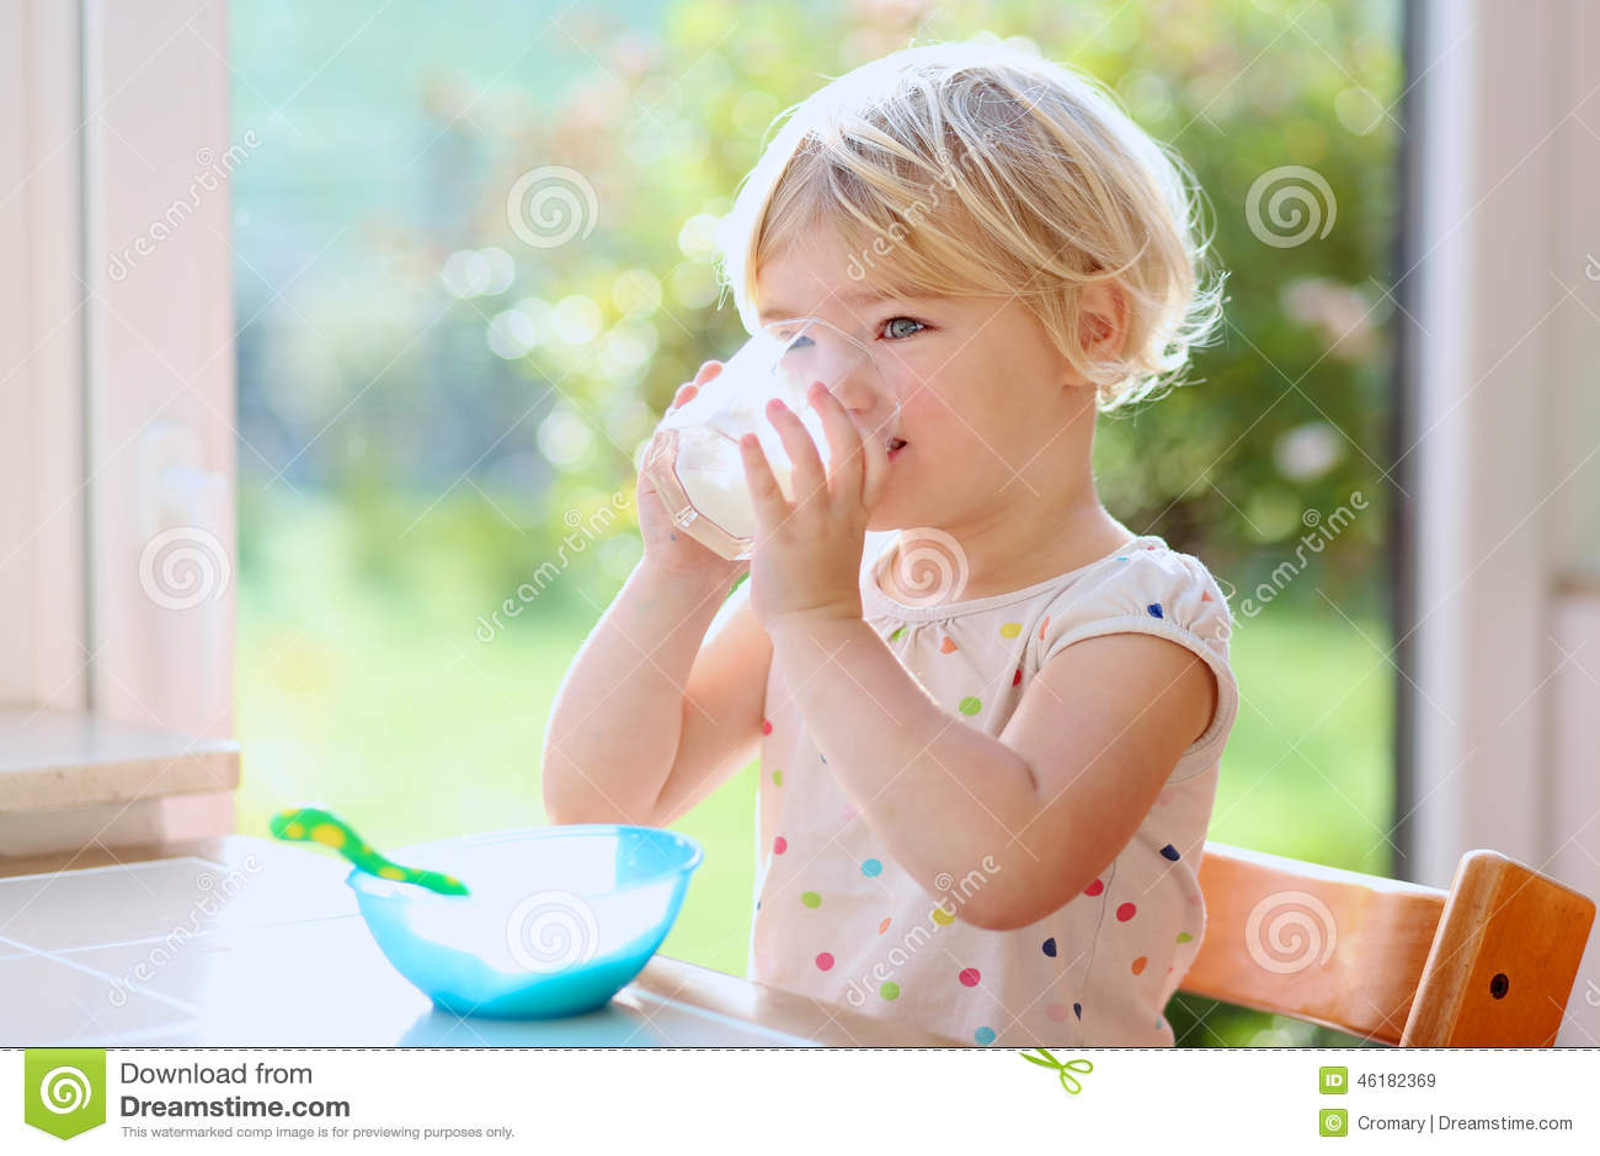 Baby Food Oatmeal Milk